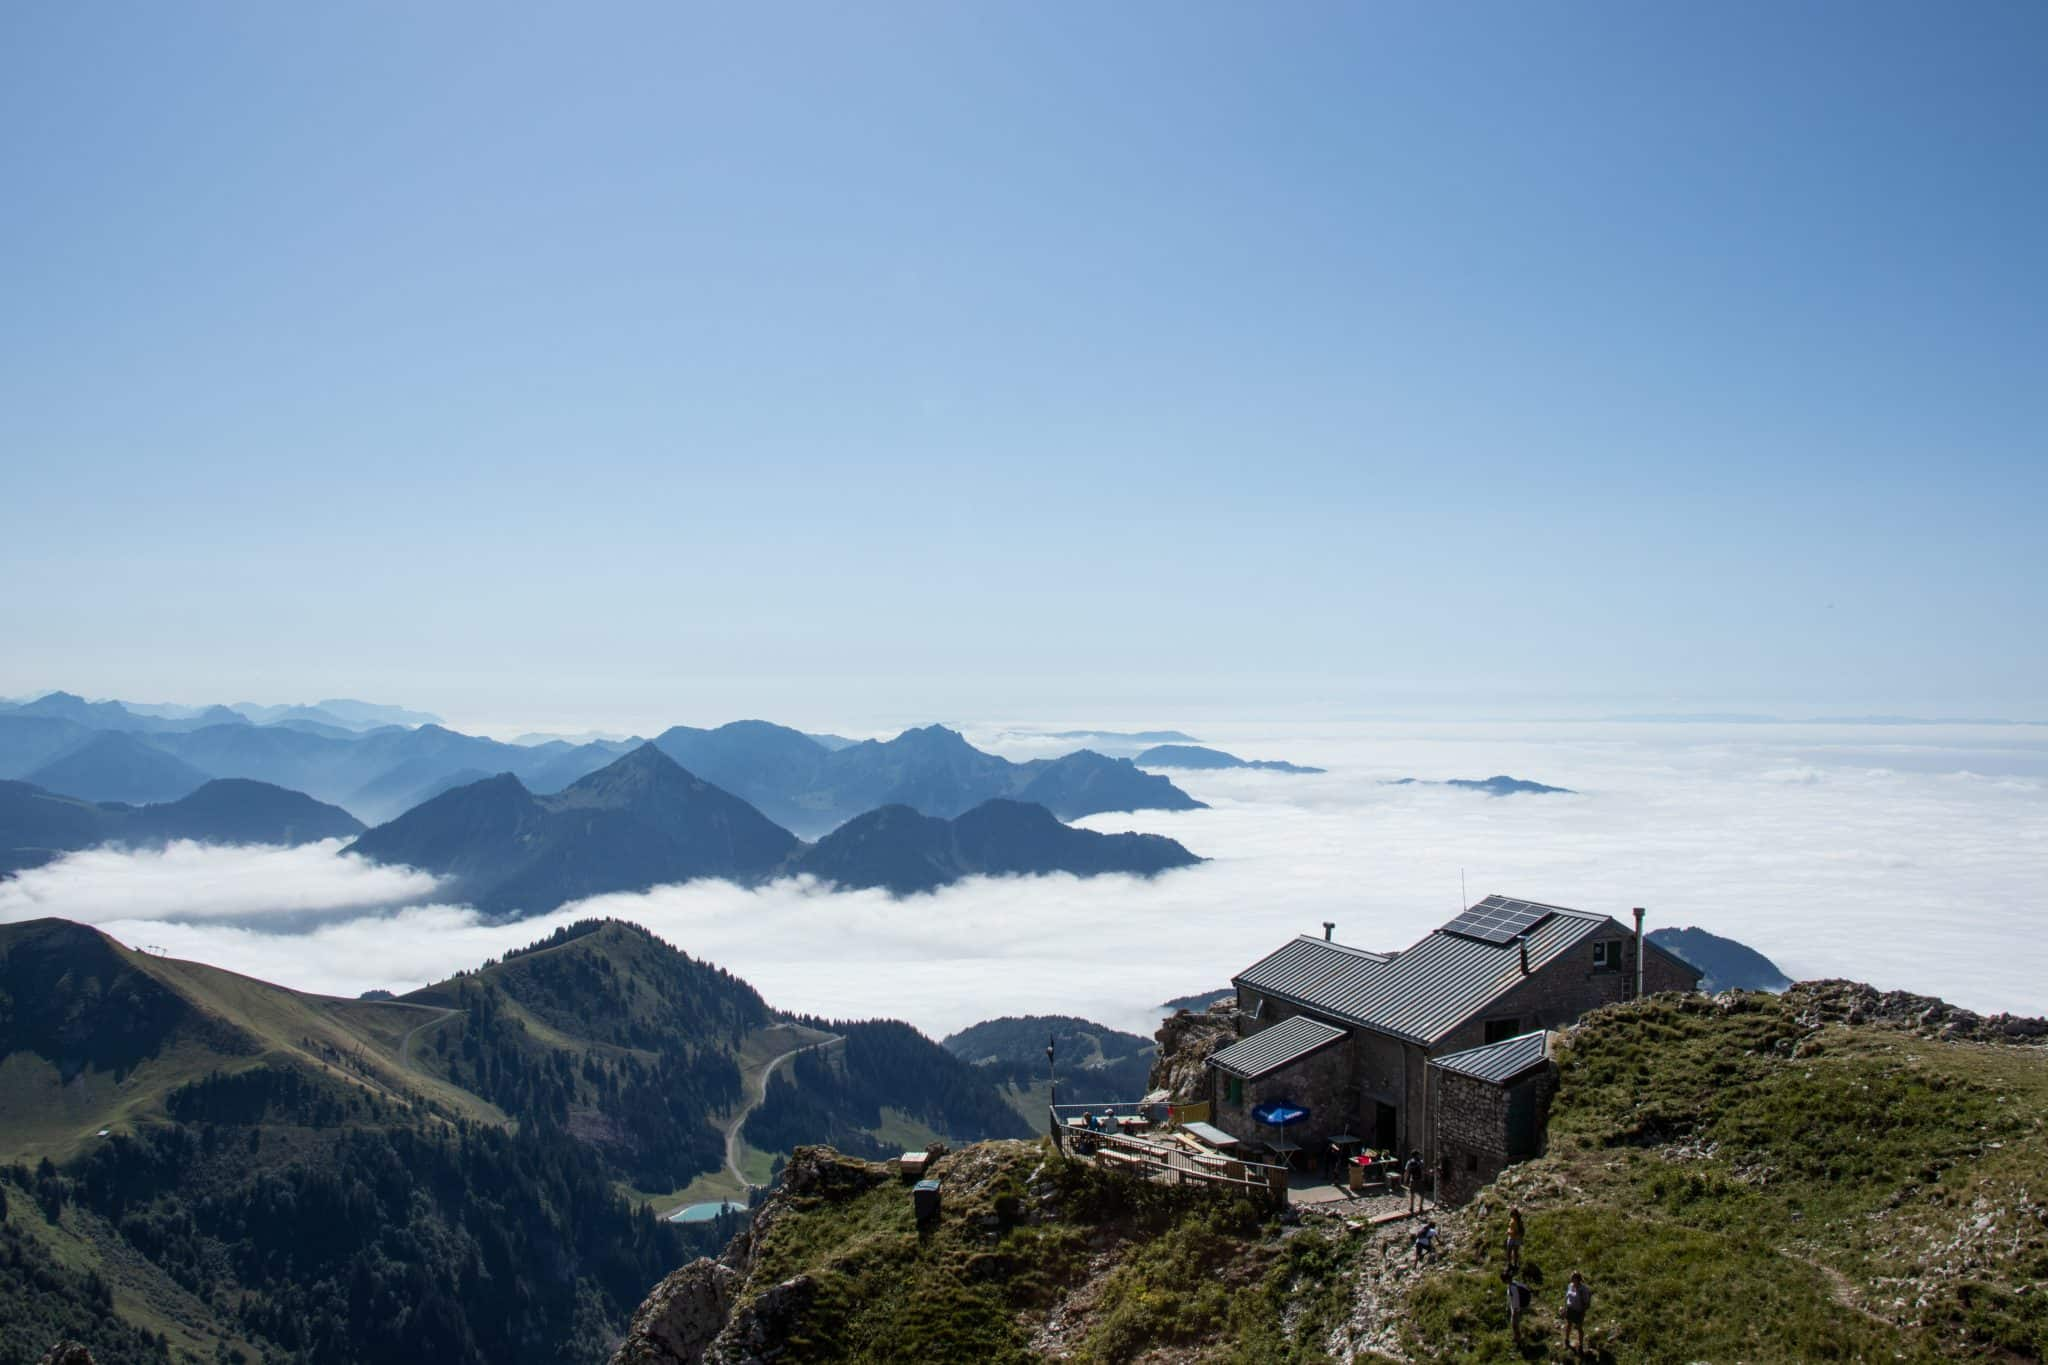 Une randonnée sur la magnifique dent d'Oche en Haute-Savoie